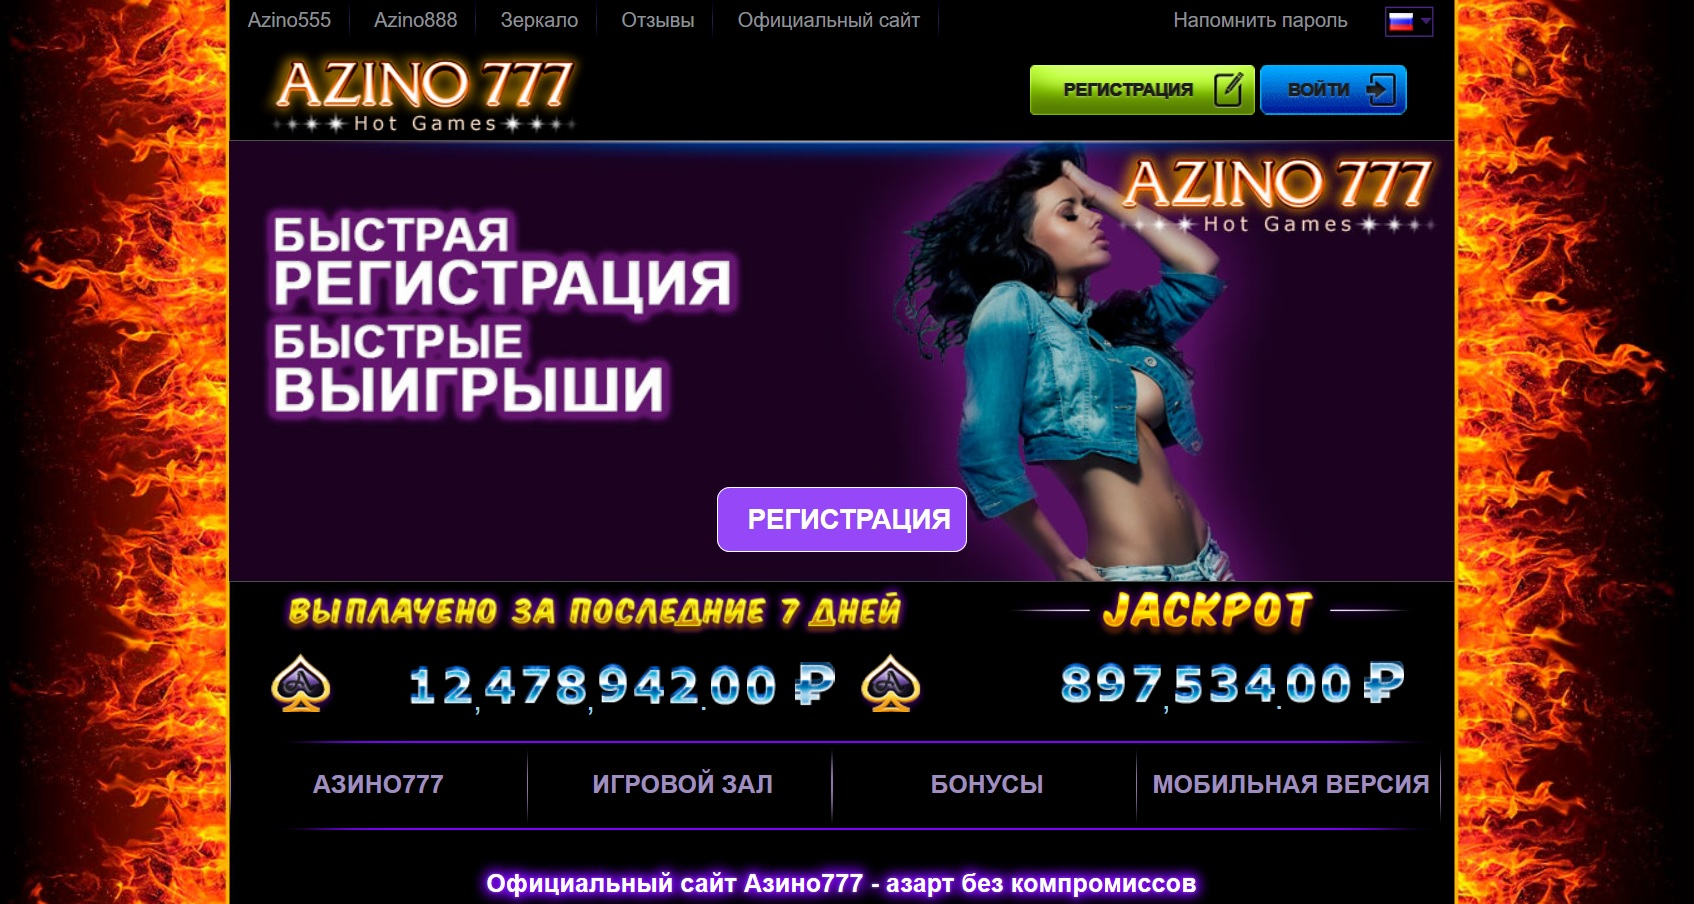 официальный сайт азино 777 вход бесплатно